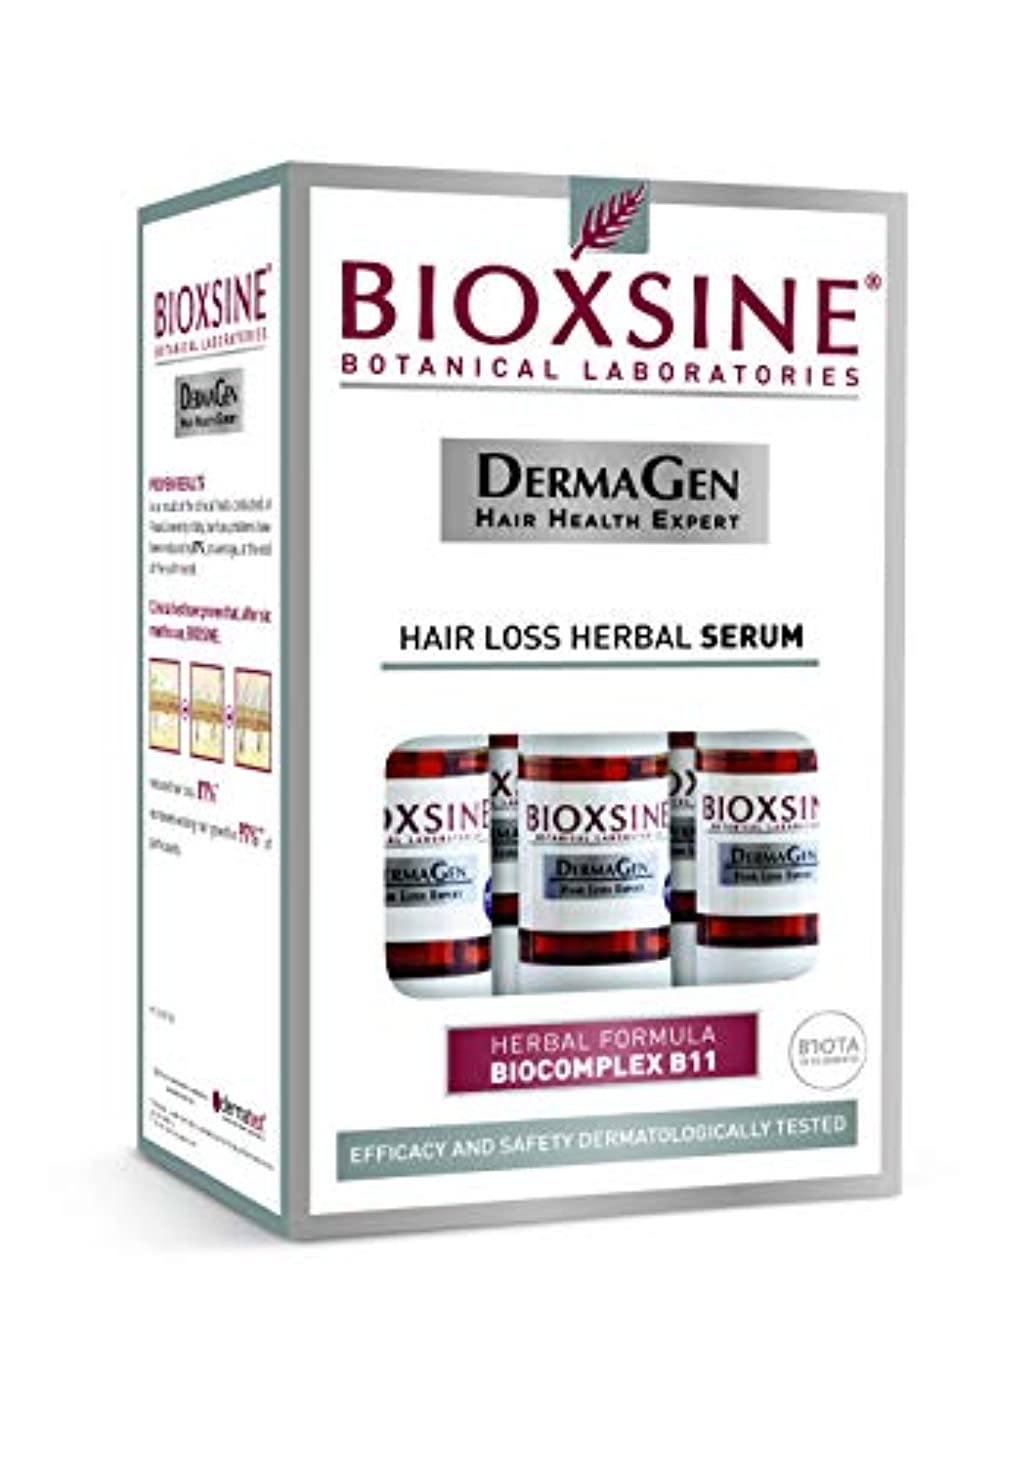 クローンアプローチ主張無香料の男性のためのBIOXSINEの毛損失の草の血清 - Biocomplex B11元の